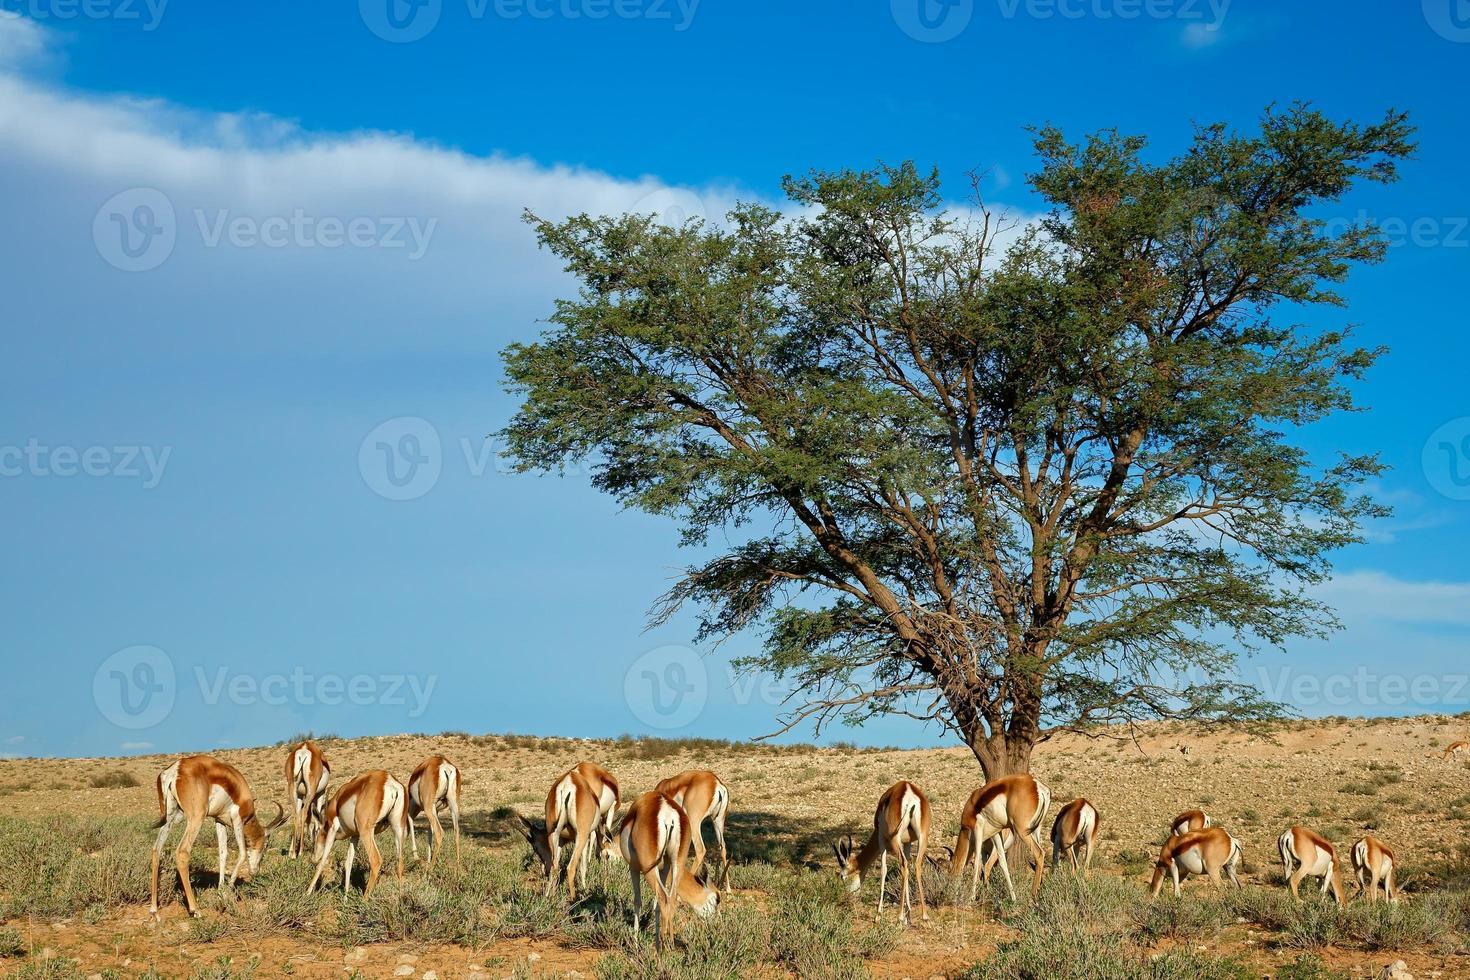 paisagem de antílope de gazela foto